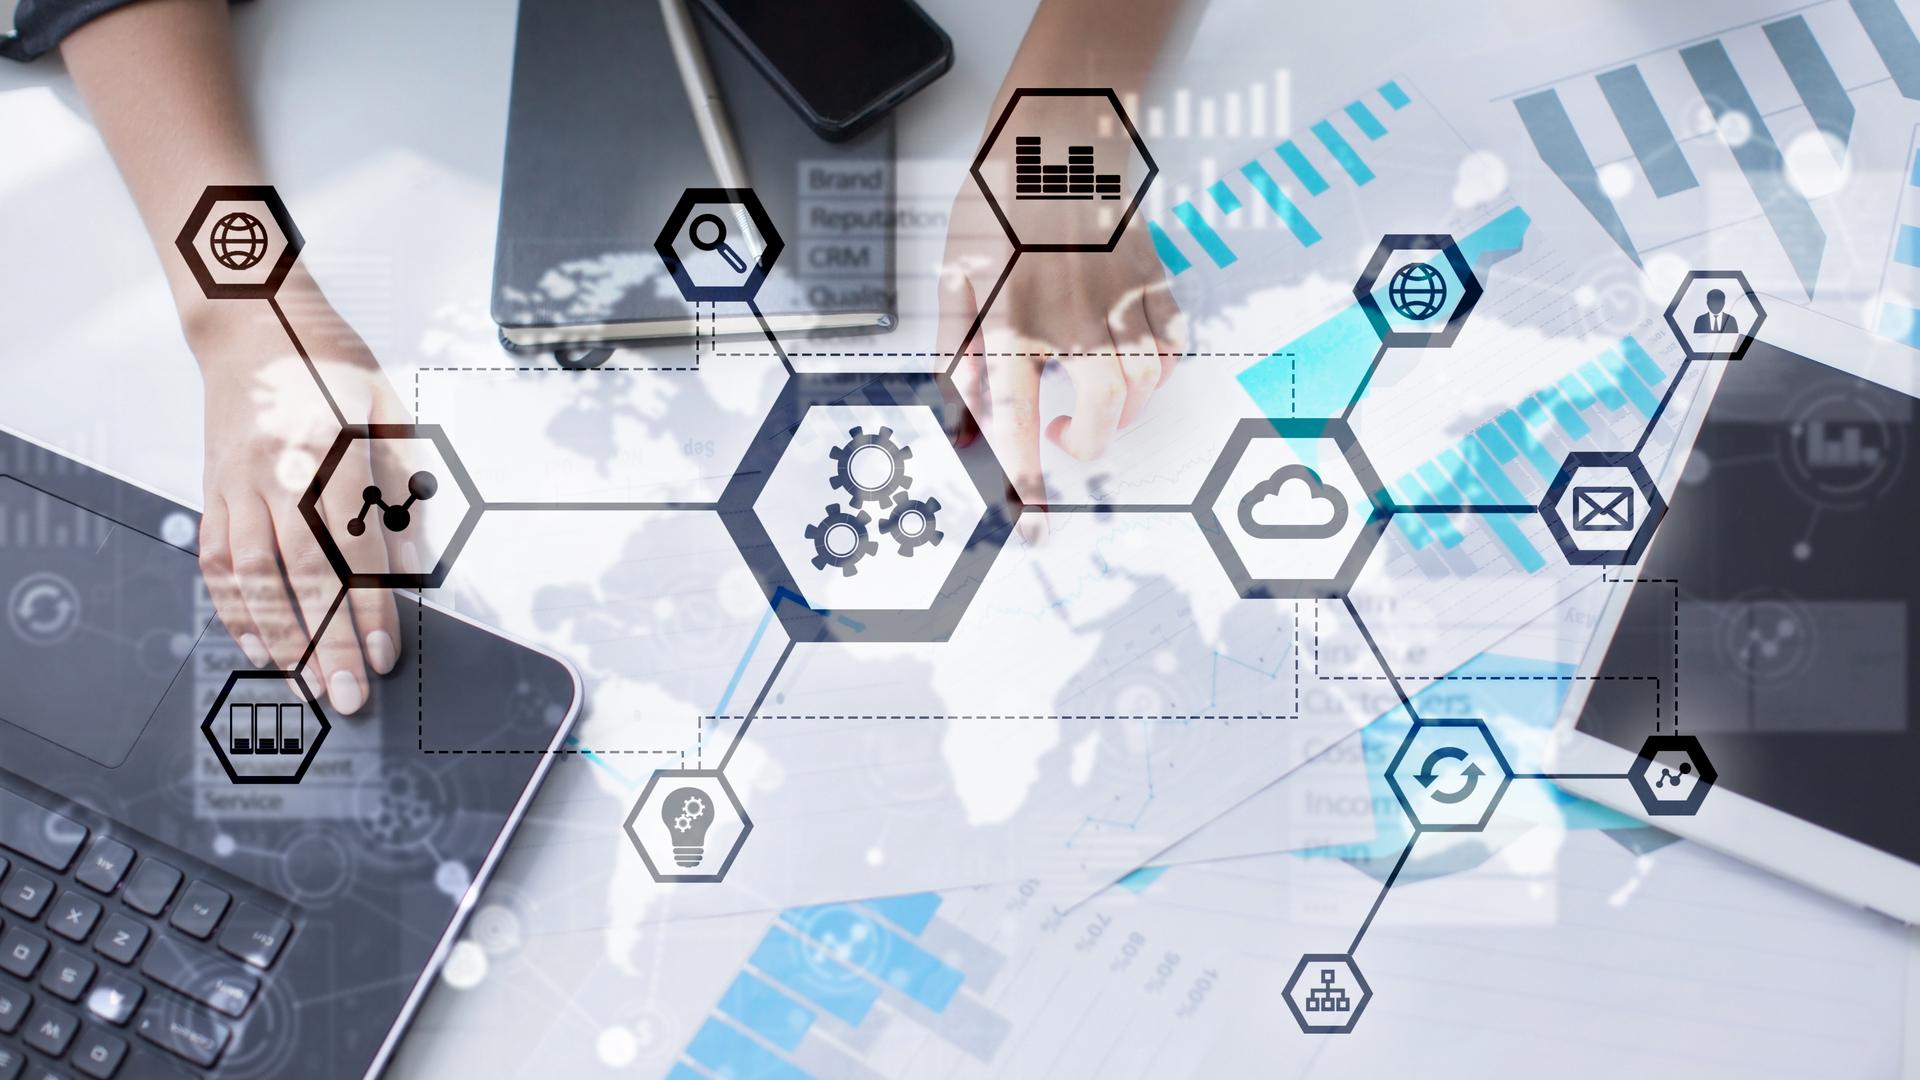 Organizzare Ufficio Acquisti : Ufficio acquisti digitale cos è e quali sono i benefici del